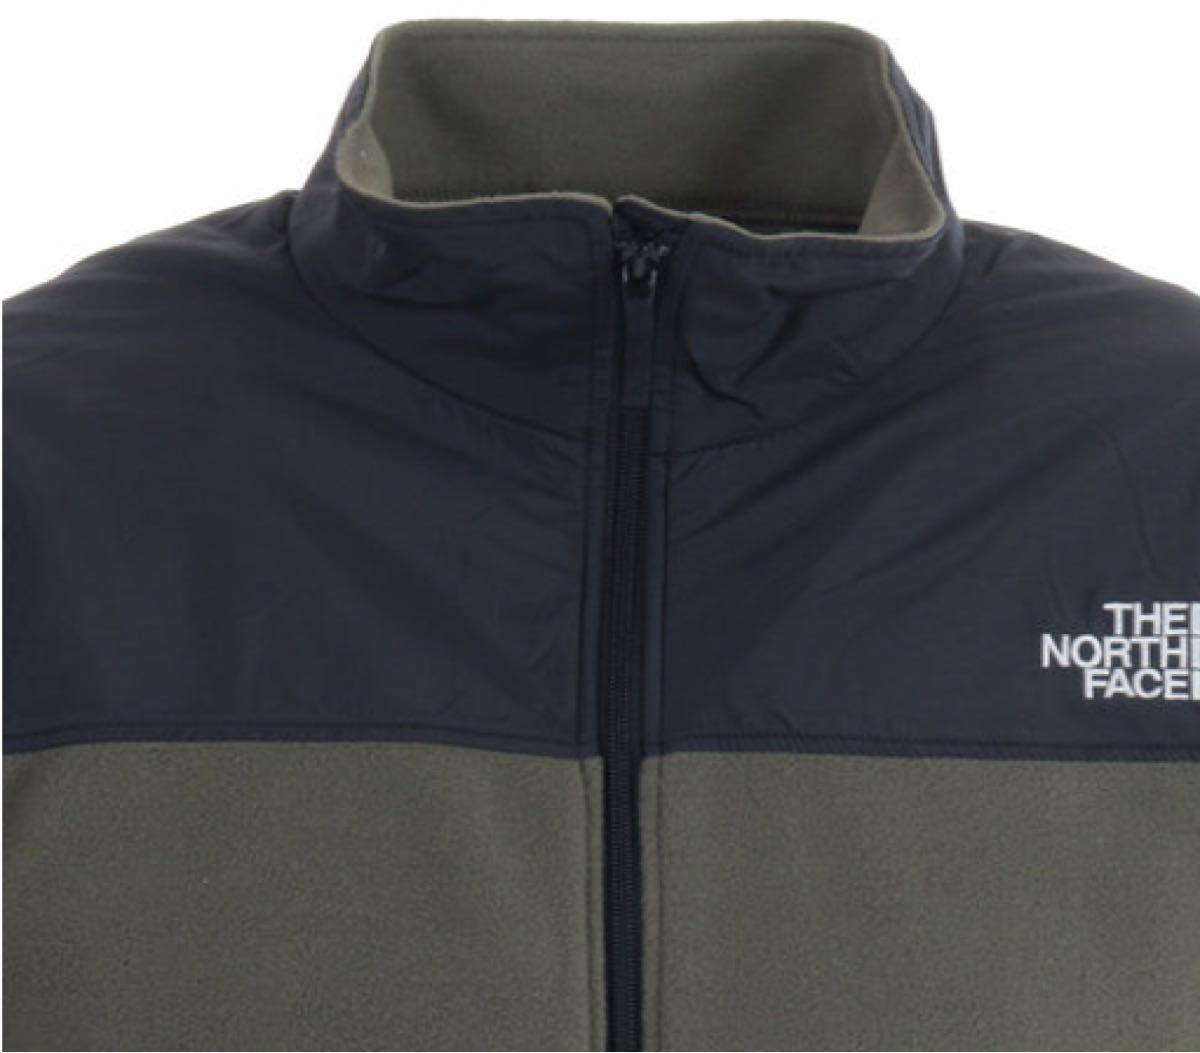 ノースフェイス THE NORTH FACE